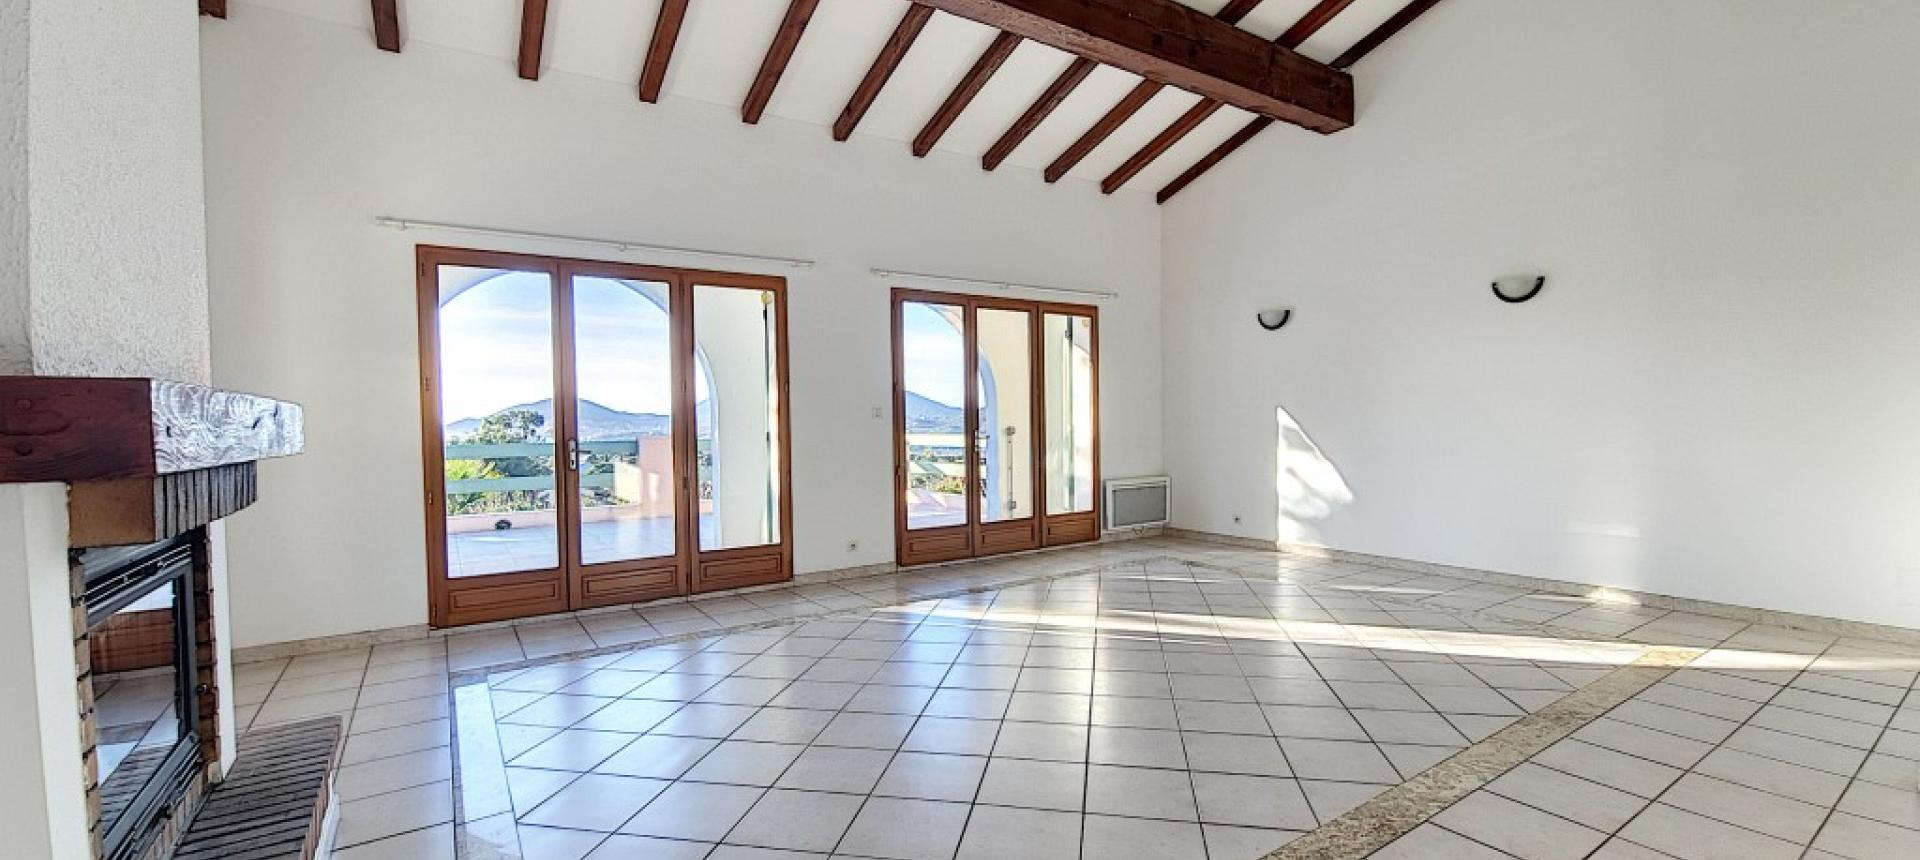 Villa F4 à louer avec jardin et terrasse à Bastelicaccia séjour cheminée